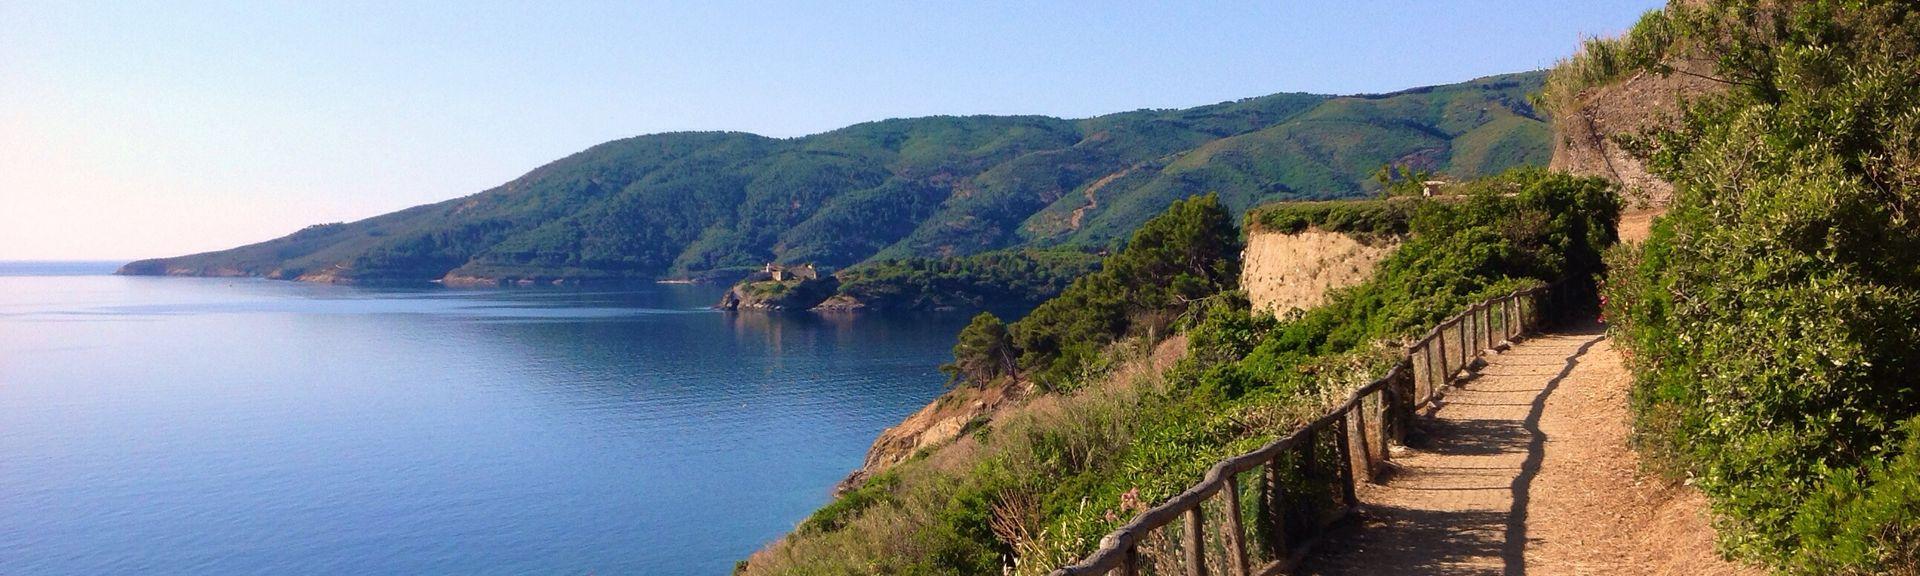 Elba, Toscana, Italia